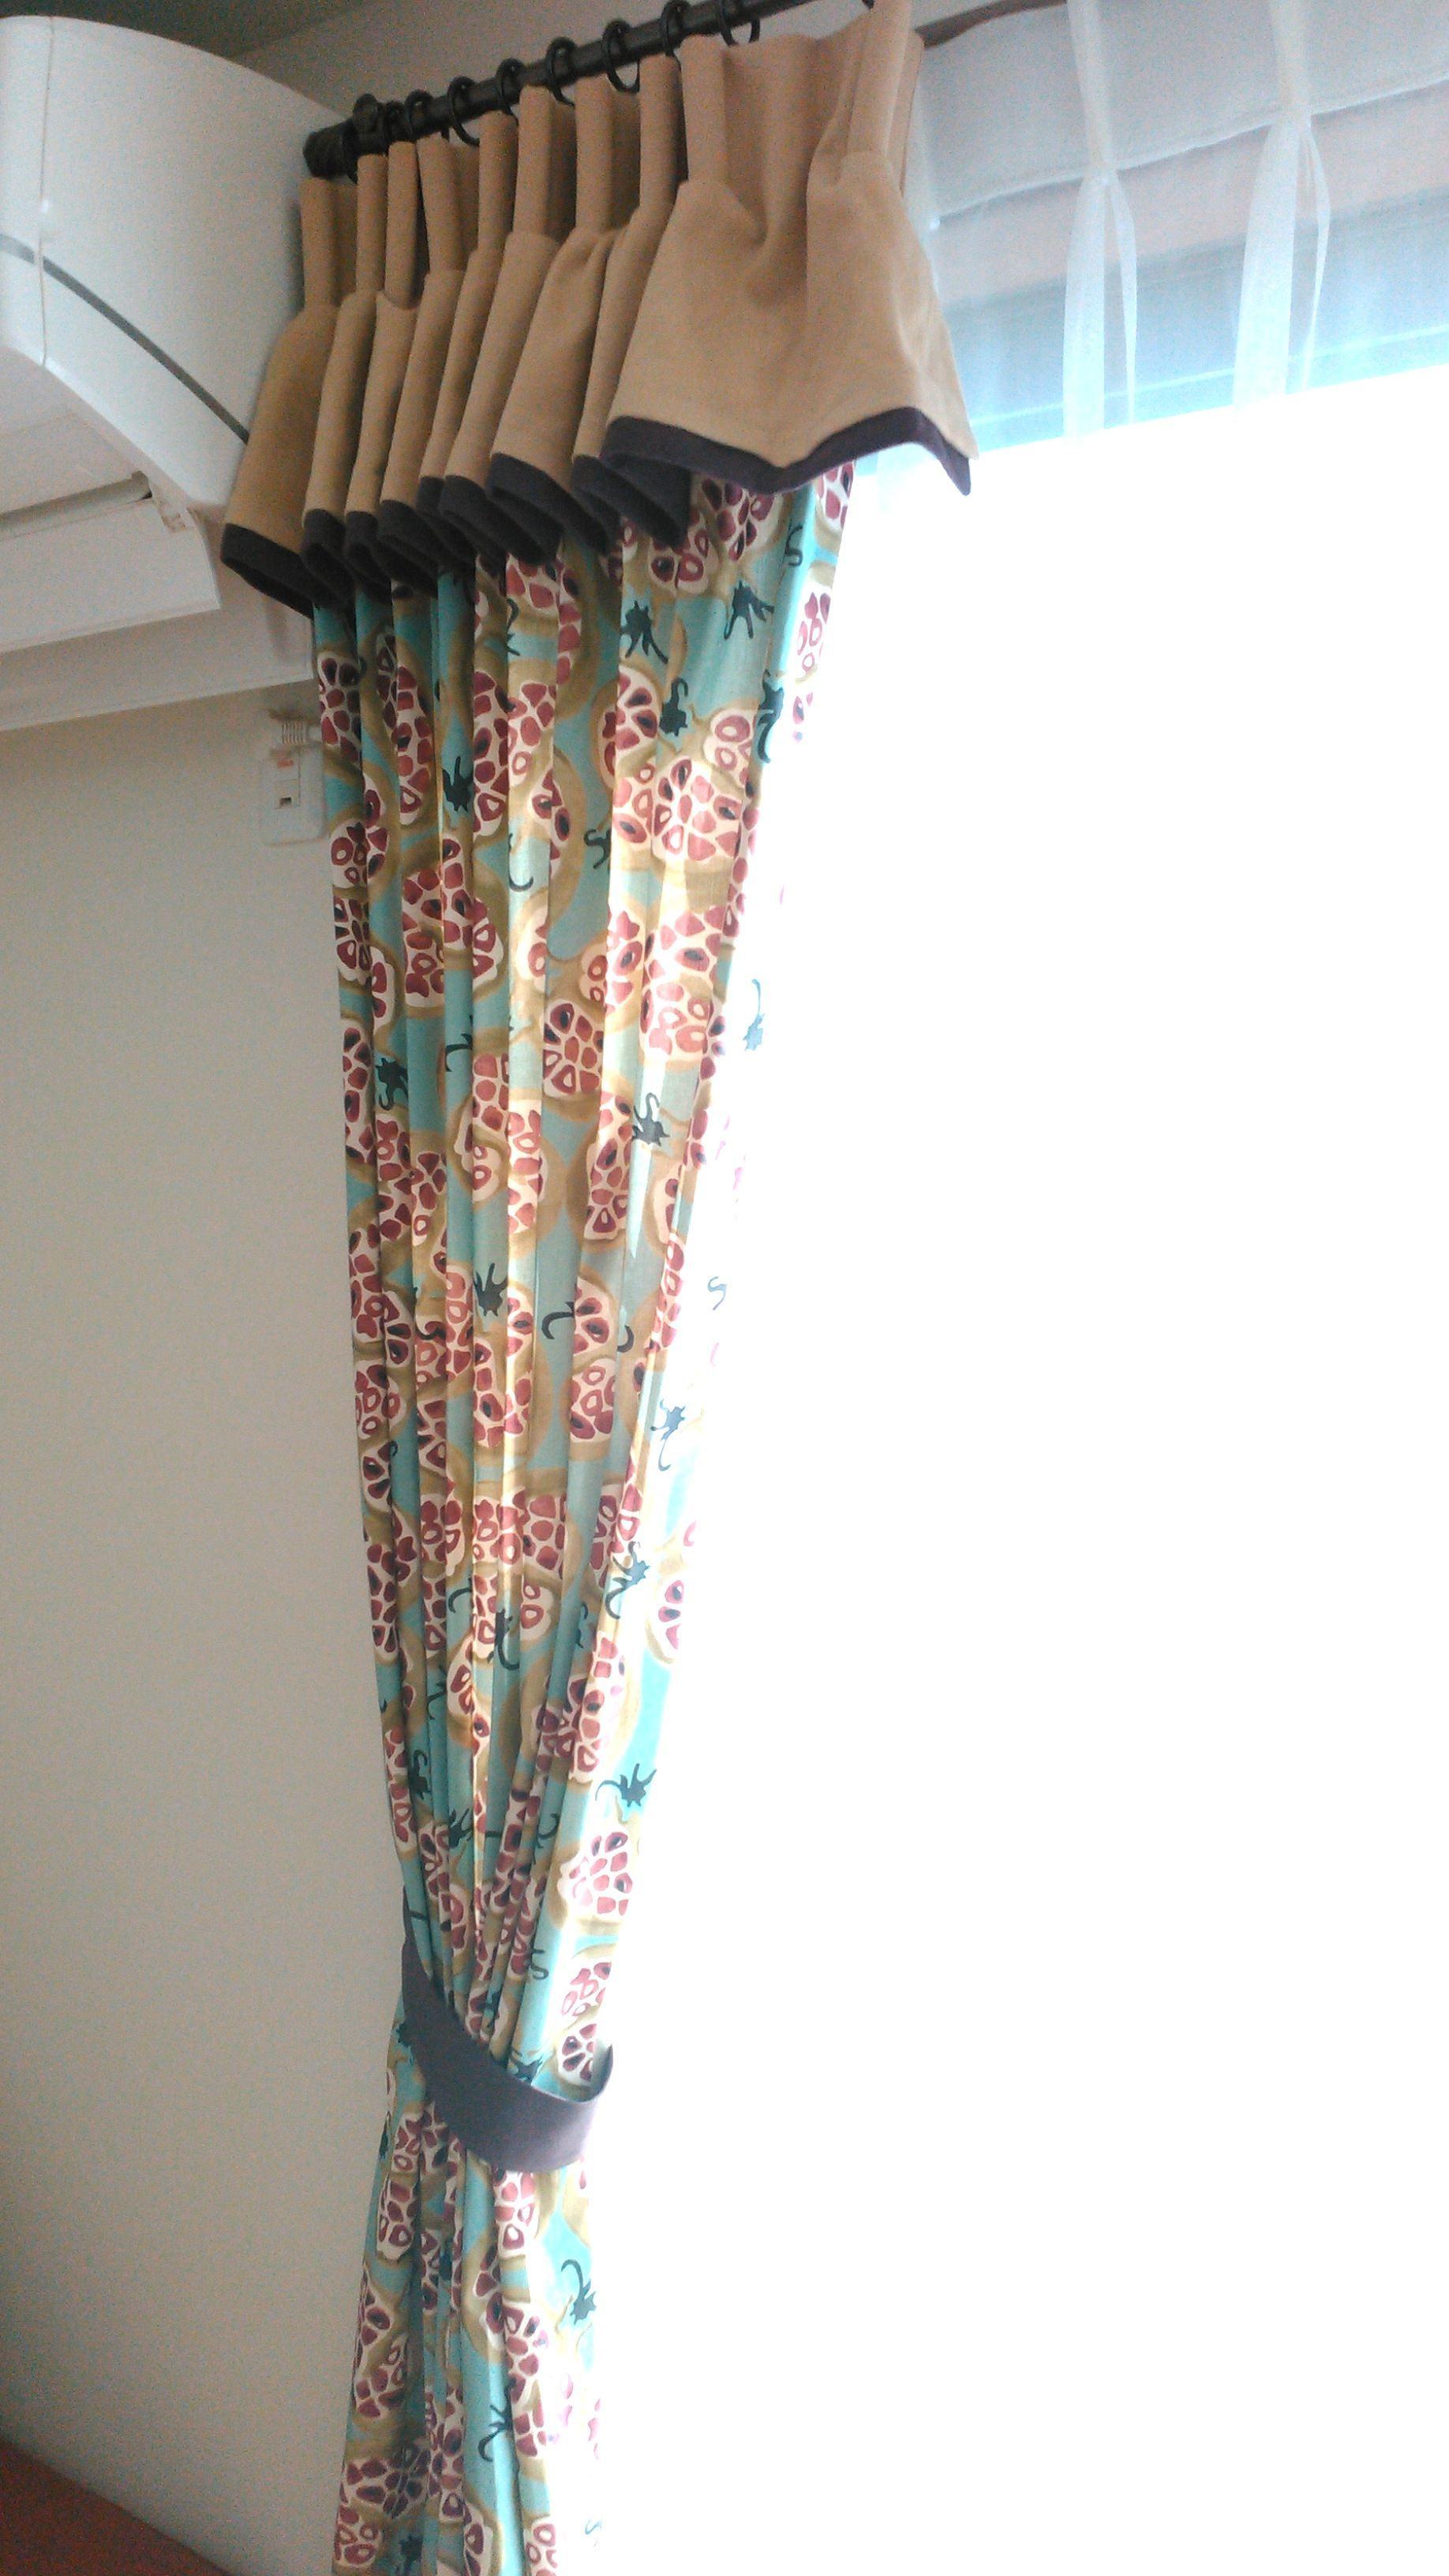 サンダーソン『ザクロ柄』のカーテン モリス正規販売店のブライト_c0157866_16095294.jpg